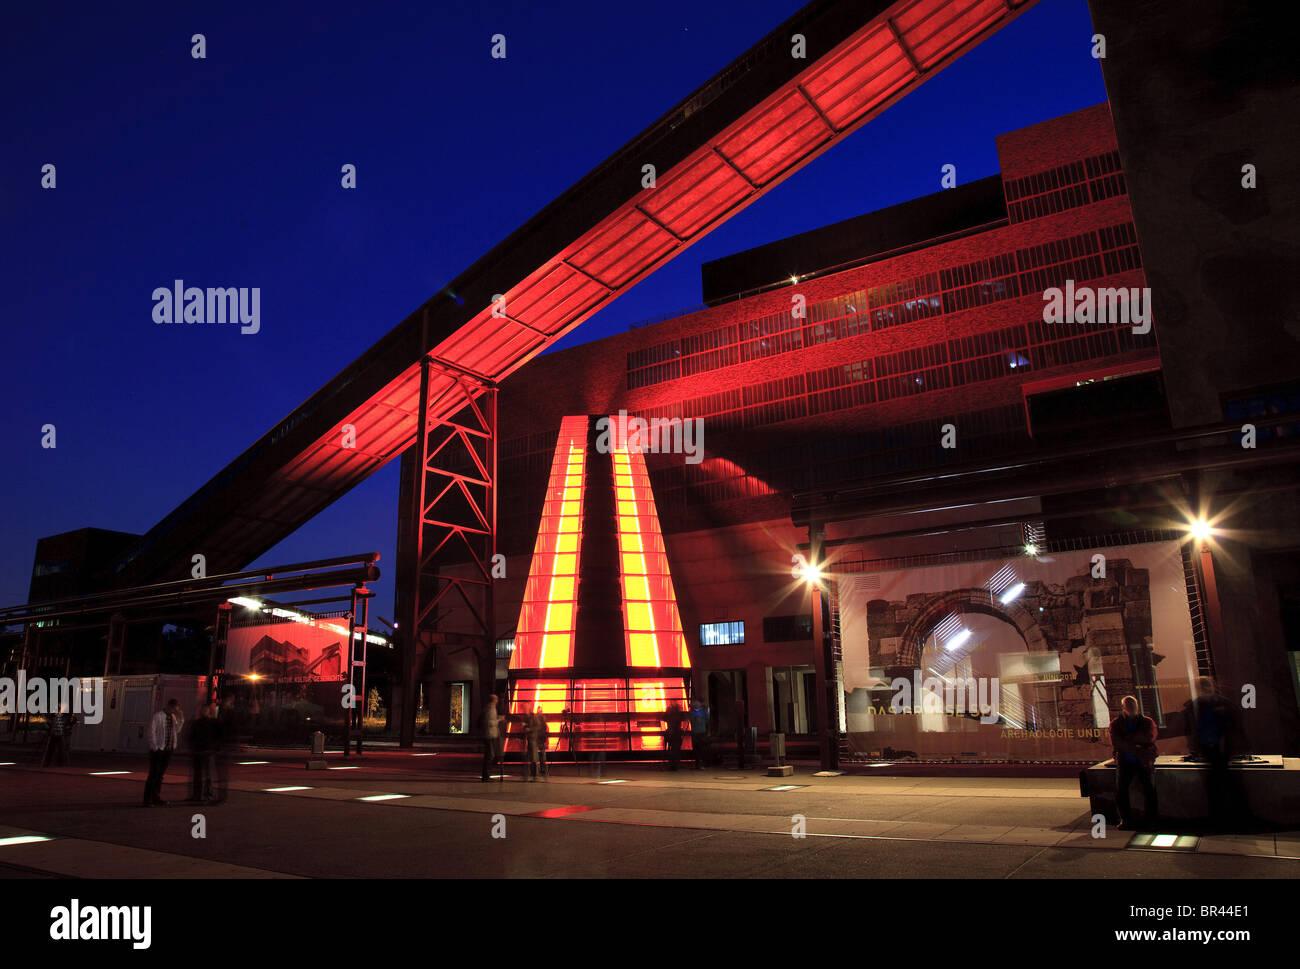 Schachtzeichen, Zeche Zollverein, Essen, Ruhr, North Rhine-Westphalia, Germany, Europe Stock Photo